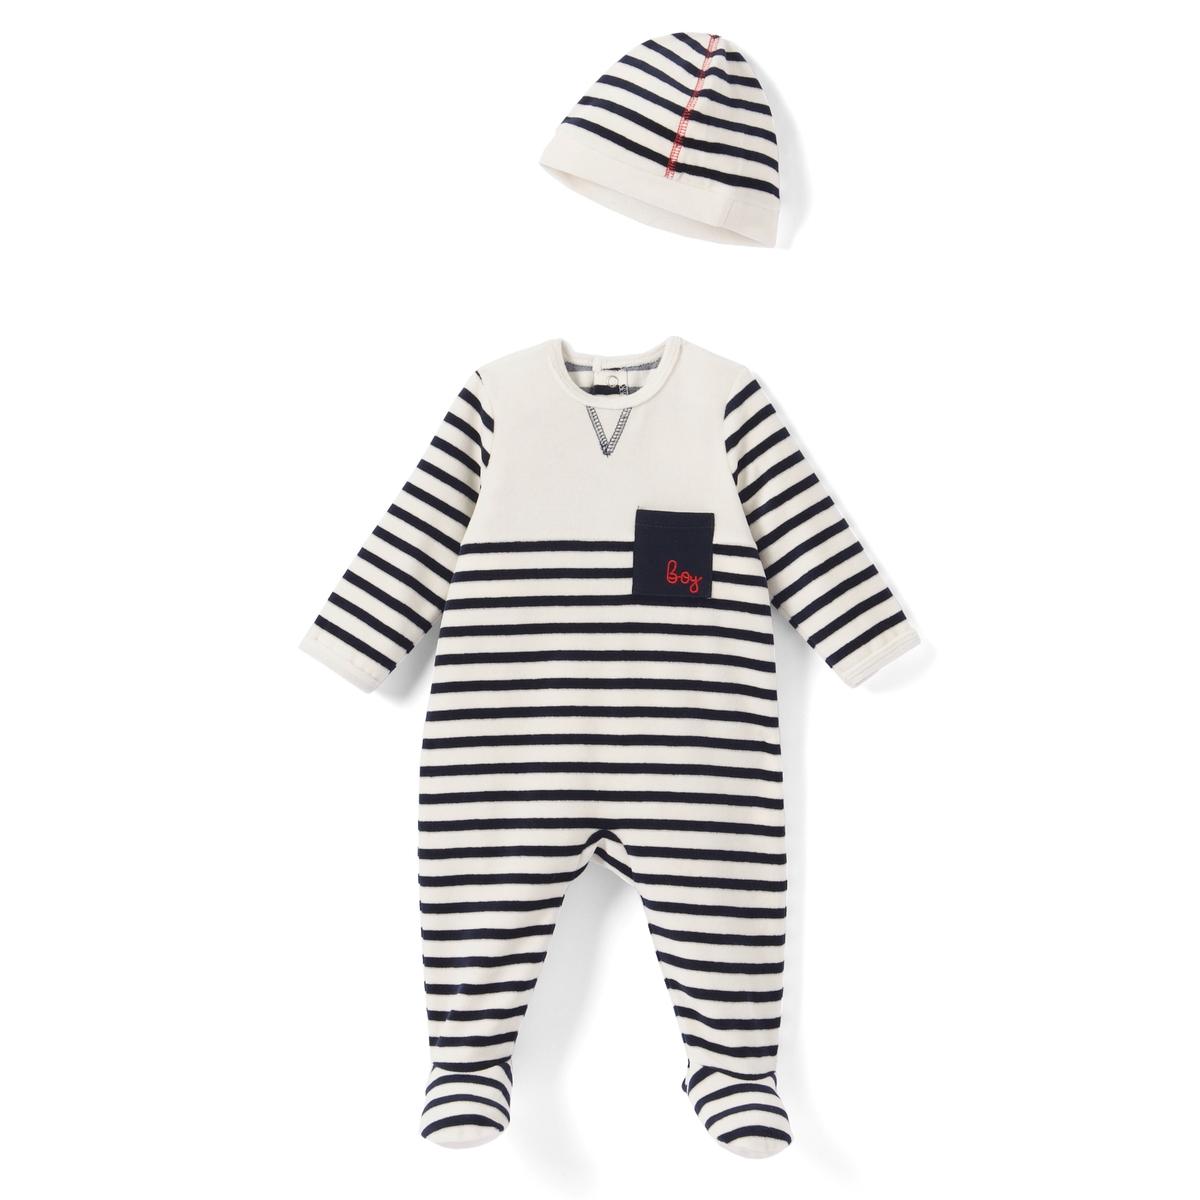 Пижама в полоску с шапочкой 0 - 3 лет